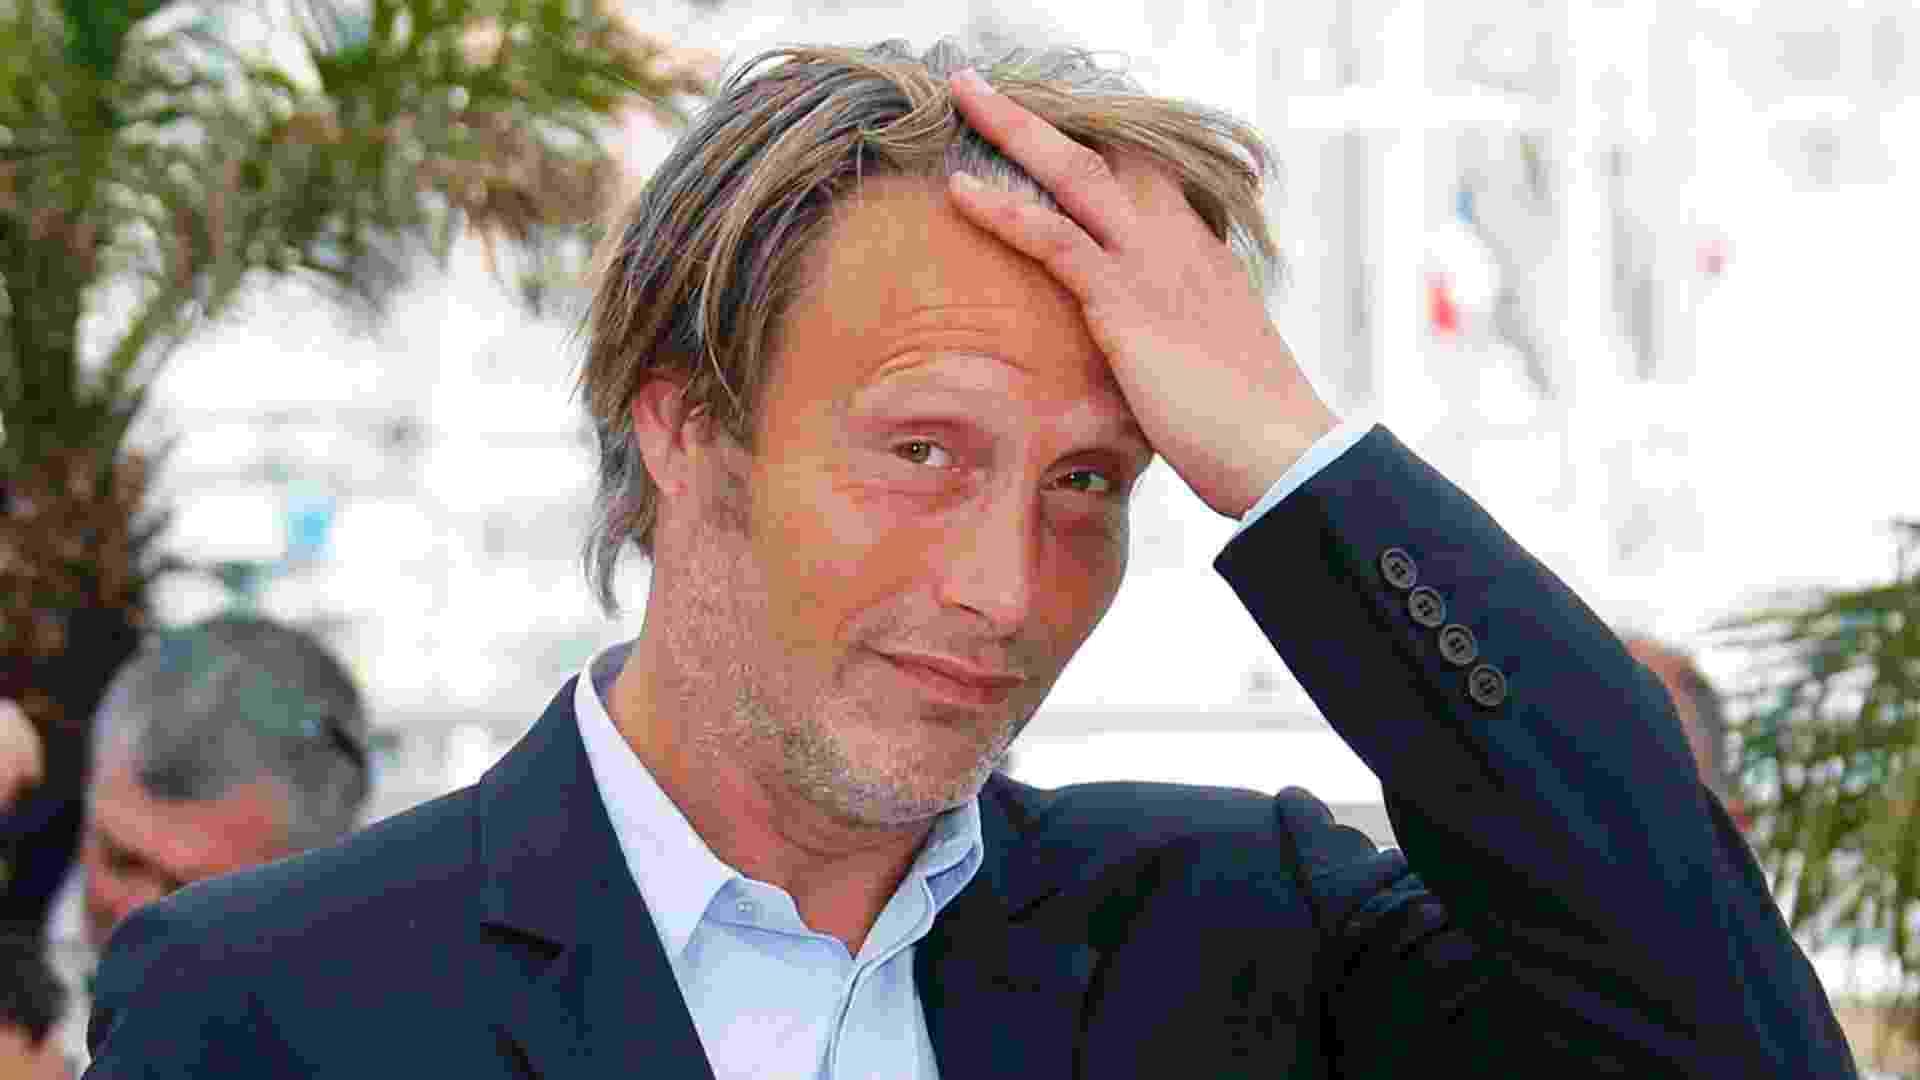 24.mai.2013 - Mads Mikkelsen posa para sessão de fotos durante o Festival de Cannes - REGIS DUVIGNAU/Reuters